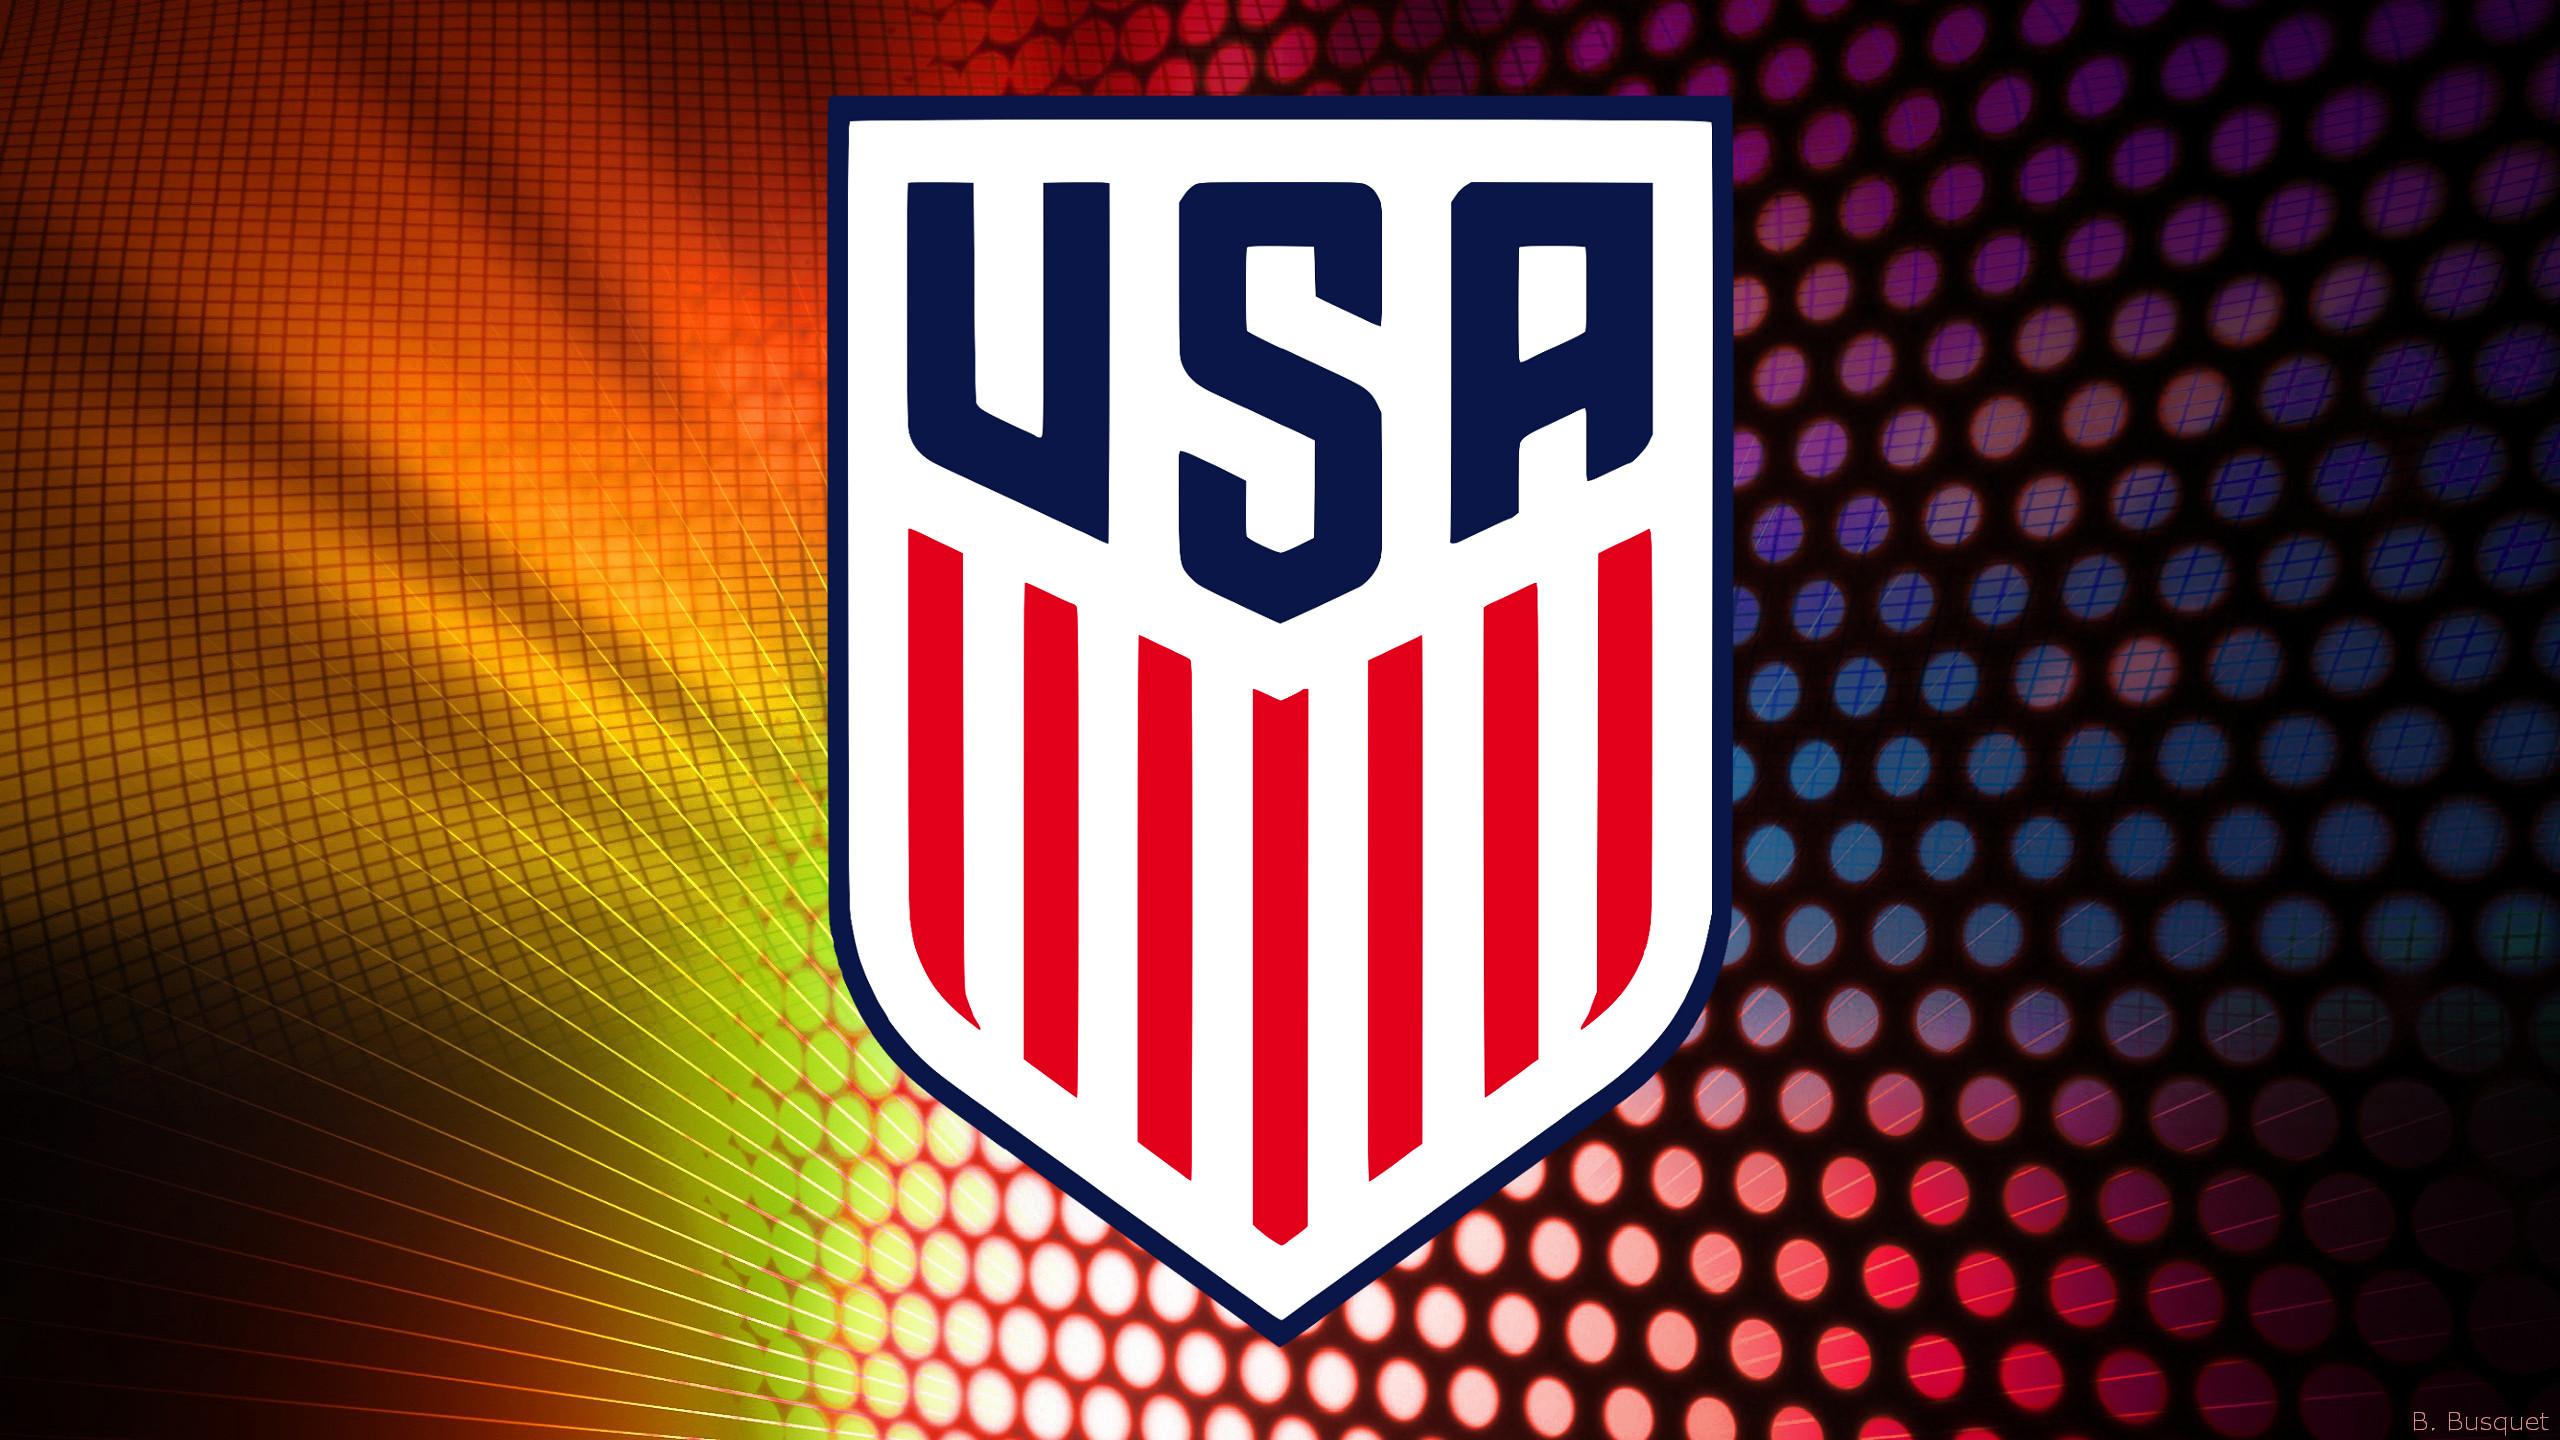 Usa Soccer Wallpaper Wallpapersafari